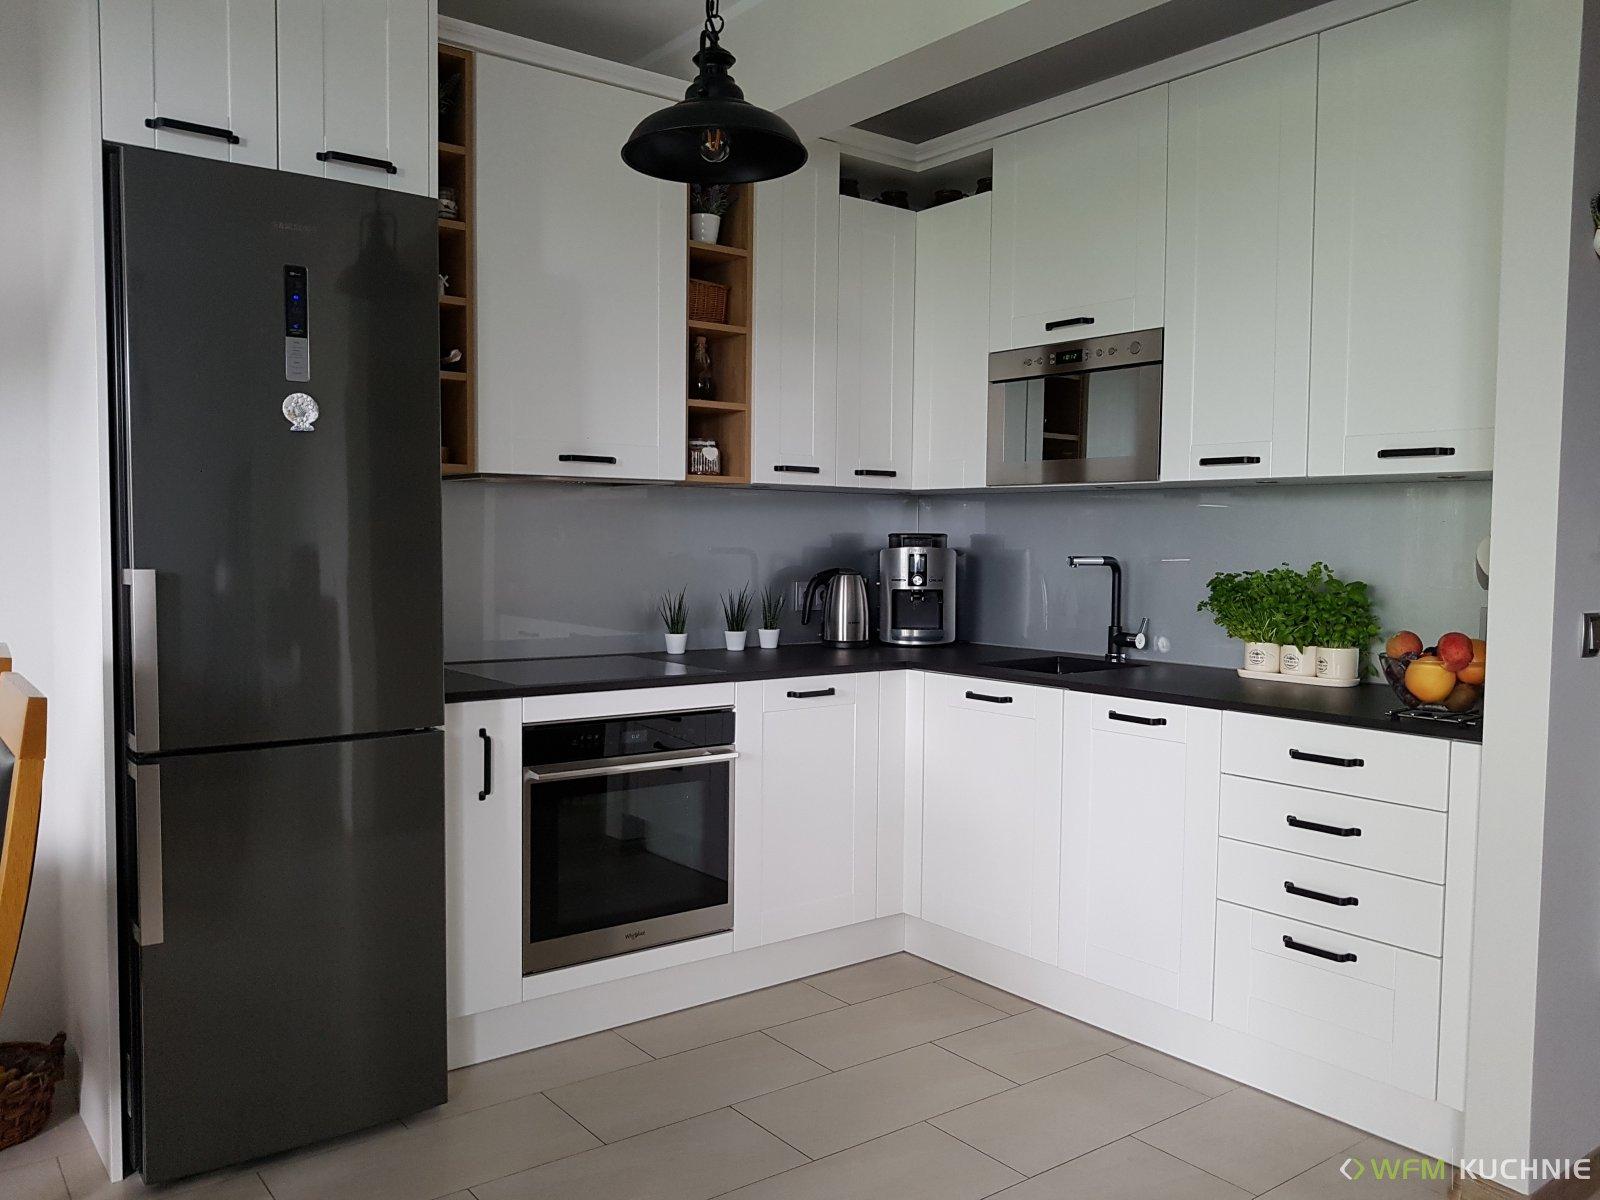 Klasyczna kuchnia na wymiar WFM FLORINA II biały mat w wysokiej zabudowie z akcentami drewnopodobnymi w kolorze hikora naturalna - WFM KUCHNIE Kraków